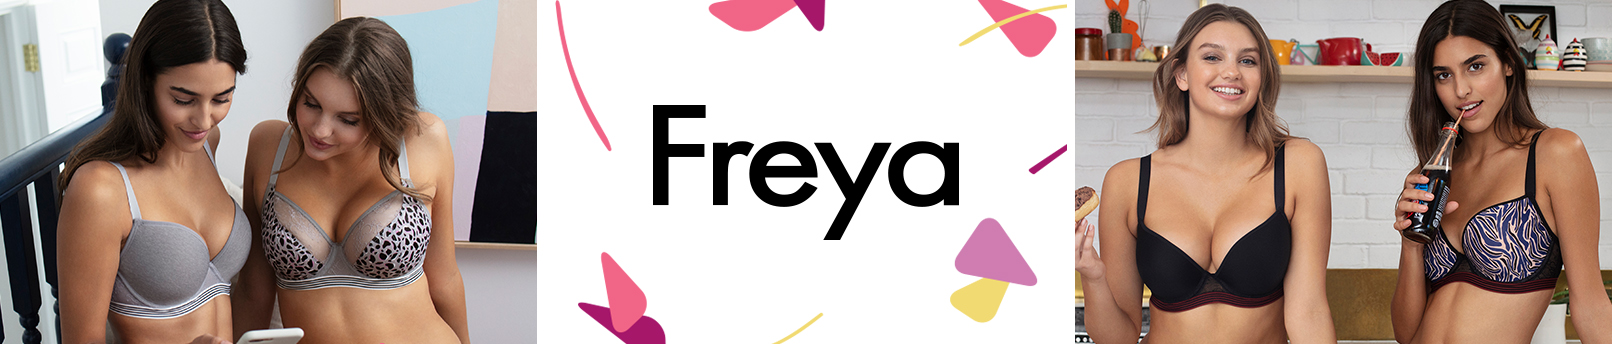 Freya shoppen